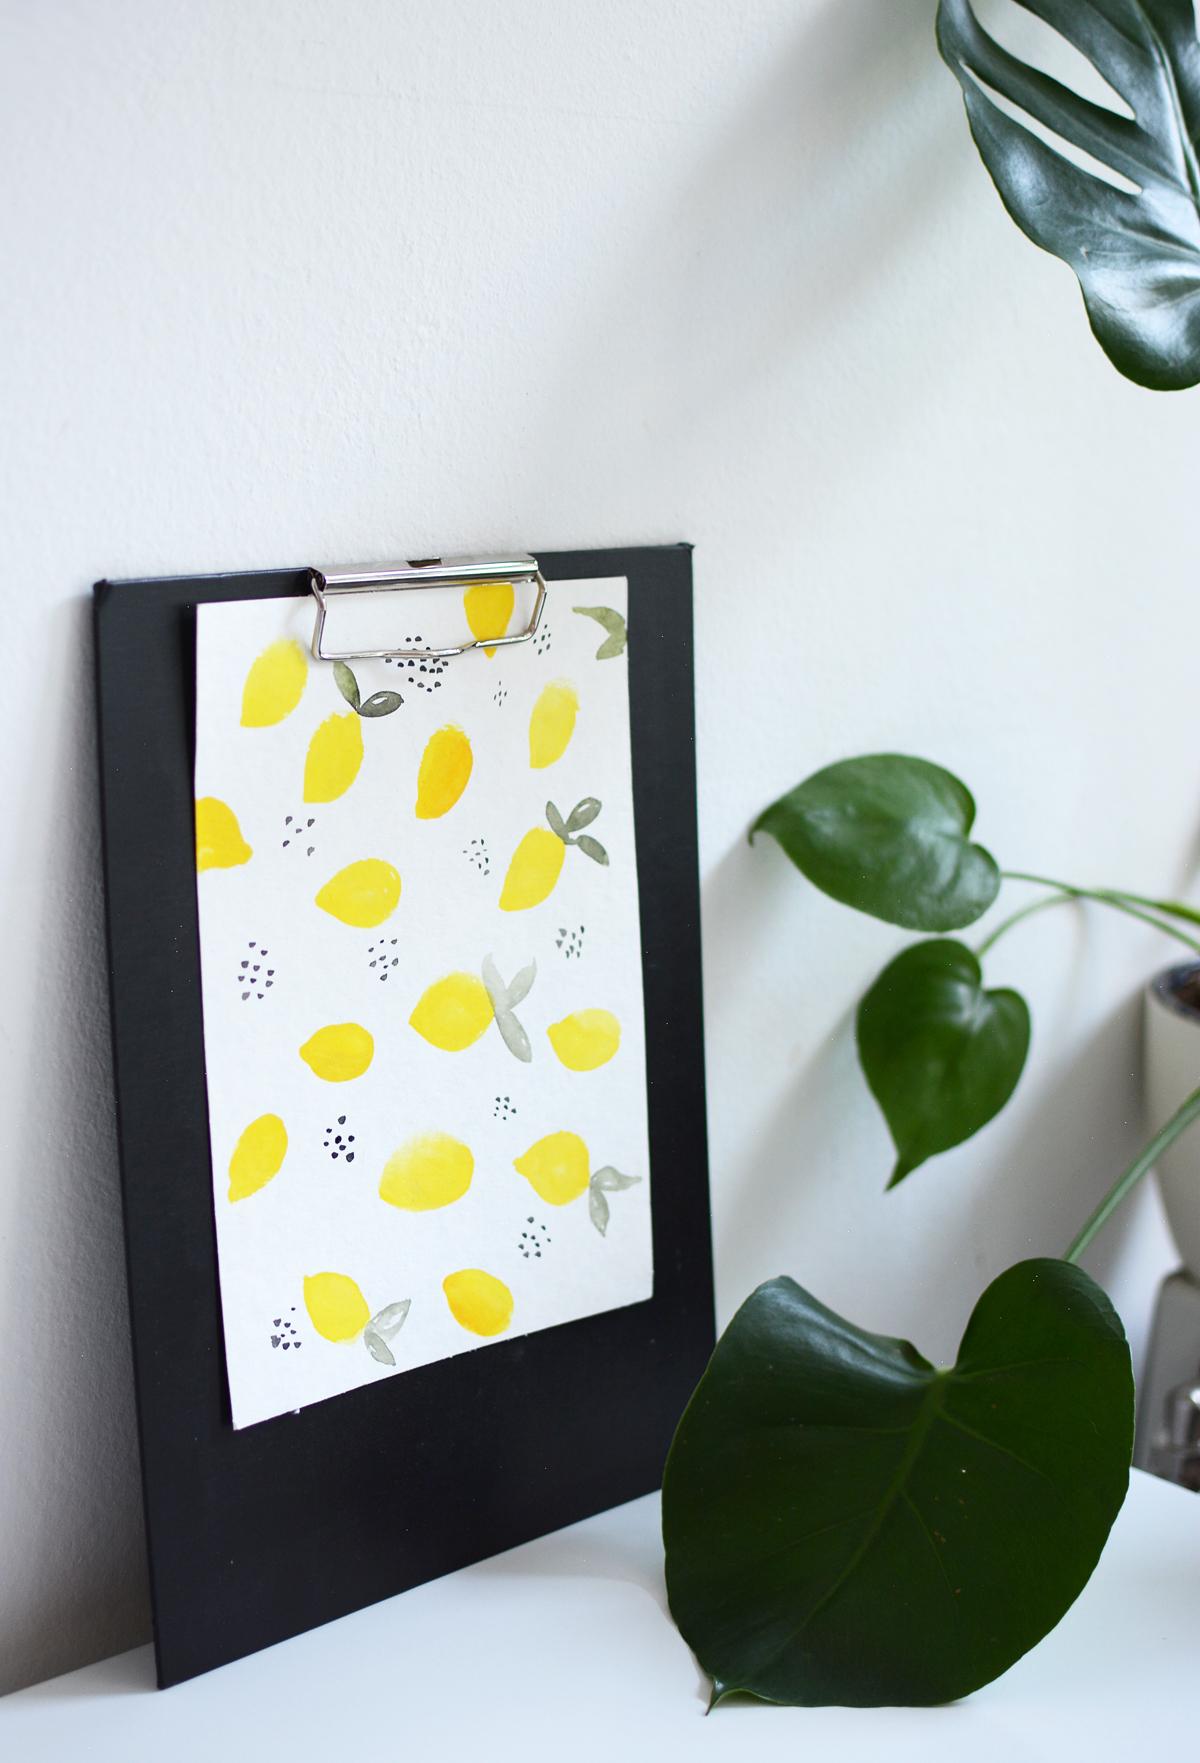 Lemon-Wallpaper Zeichnung | Pixi mit Milch